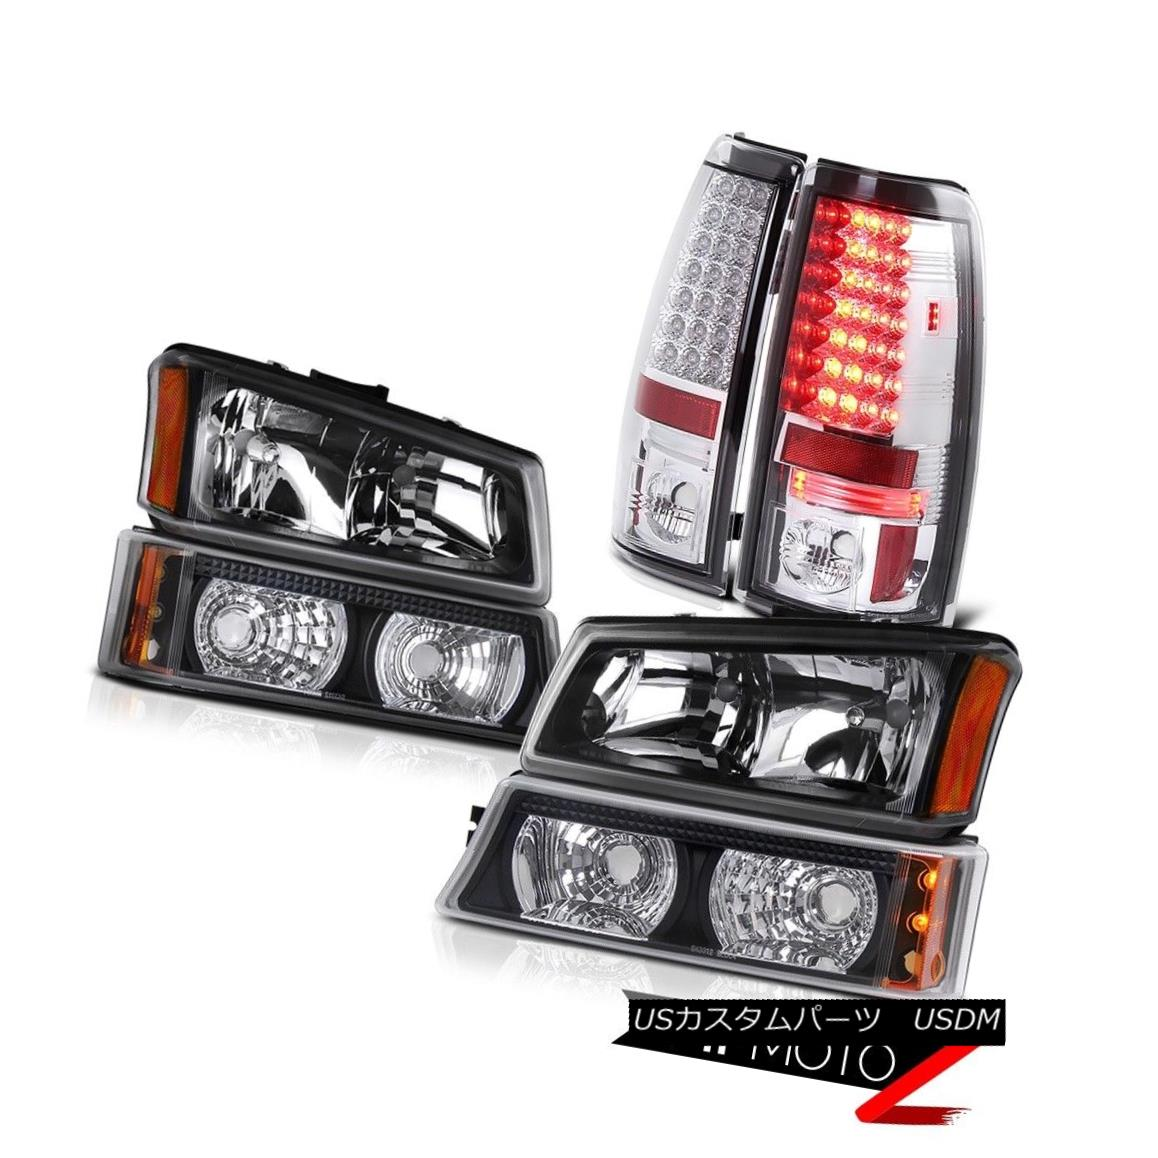 テールライト Black Headlight Crystal Bumper Lamp LED Bulb Tail 2003-2006 Silverado Vortec Max ブラックヘッドライトクリスタルバンパーランプLED電球テール2003-2006シルバラードボルテックマックス